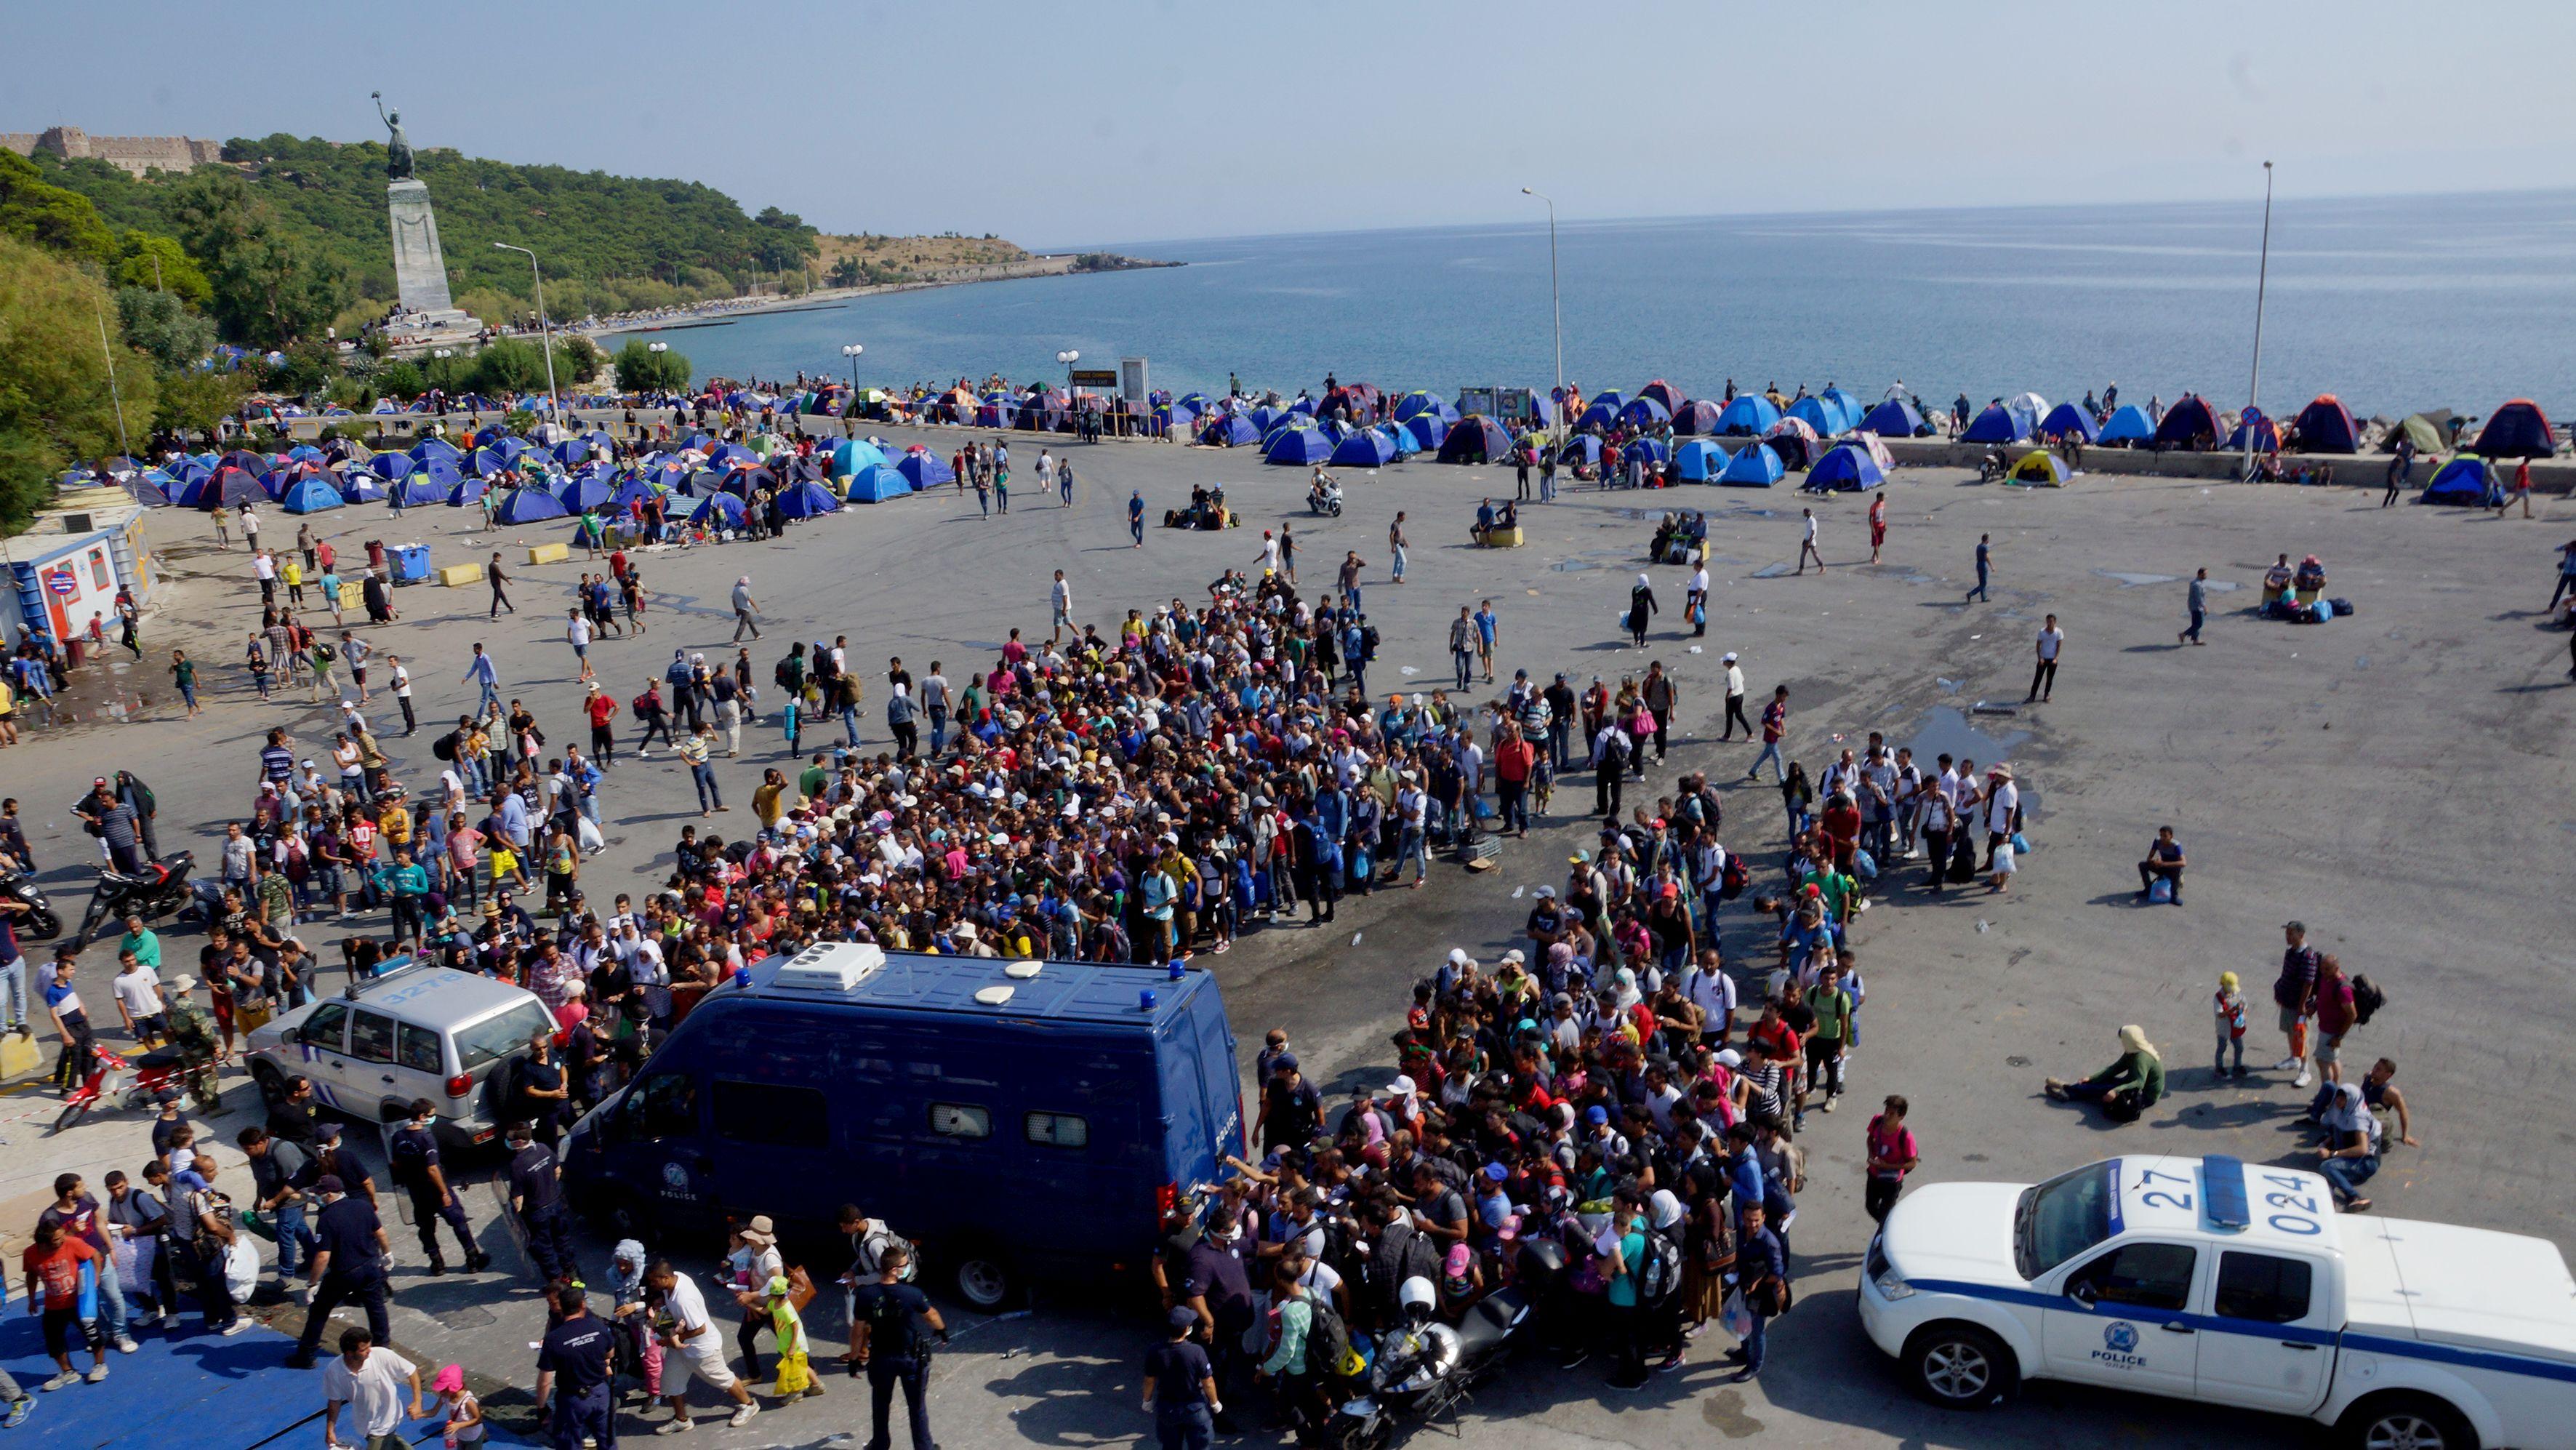 Βόζεμπεργκ_παρέμβαση_αποσυμφόρηση_πρόσφυγες_ελληνικά_νησιά_κοινοβούλιο_ευρωβουλευτής_έκτακτο_σχέδιο_χίος_σάμος